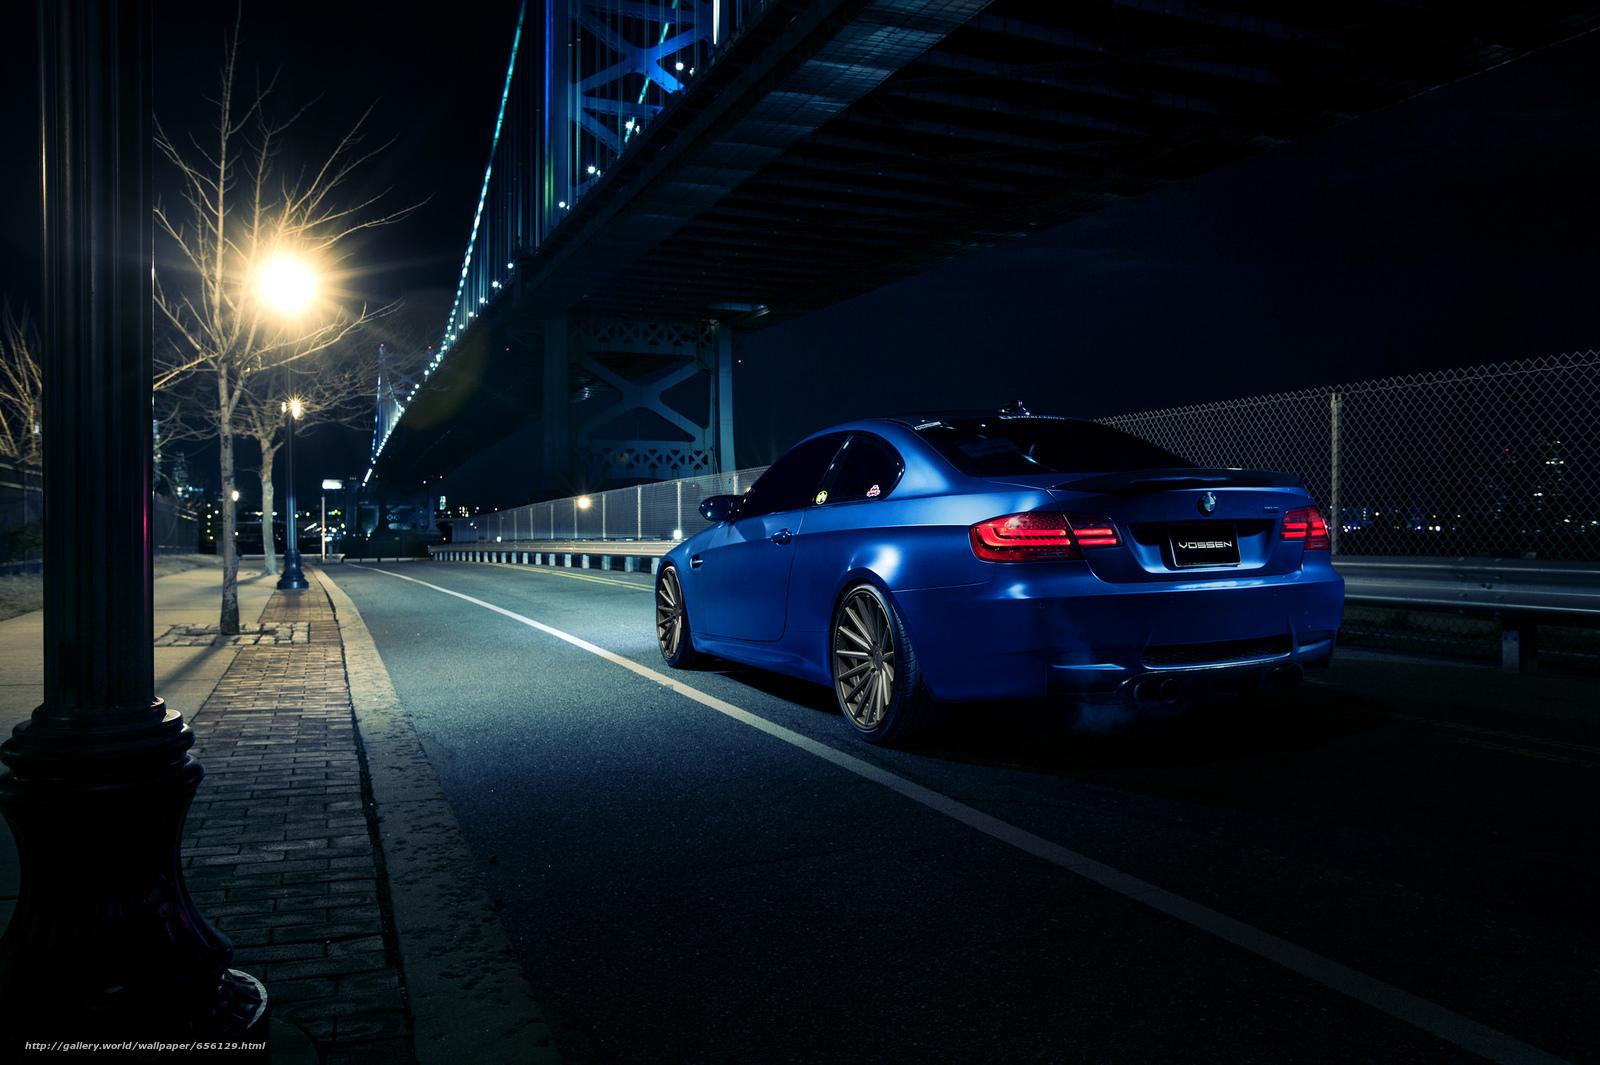 Descargar gratis BMW,  máquina,  coche Fondos de escritorio en la resolucin 2048x1363 — imagen №656129